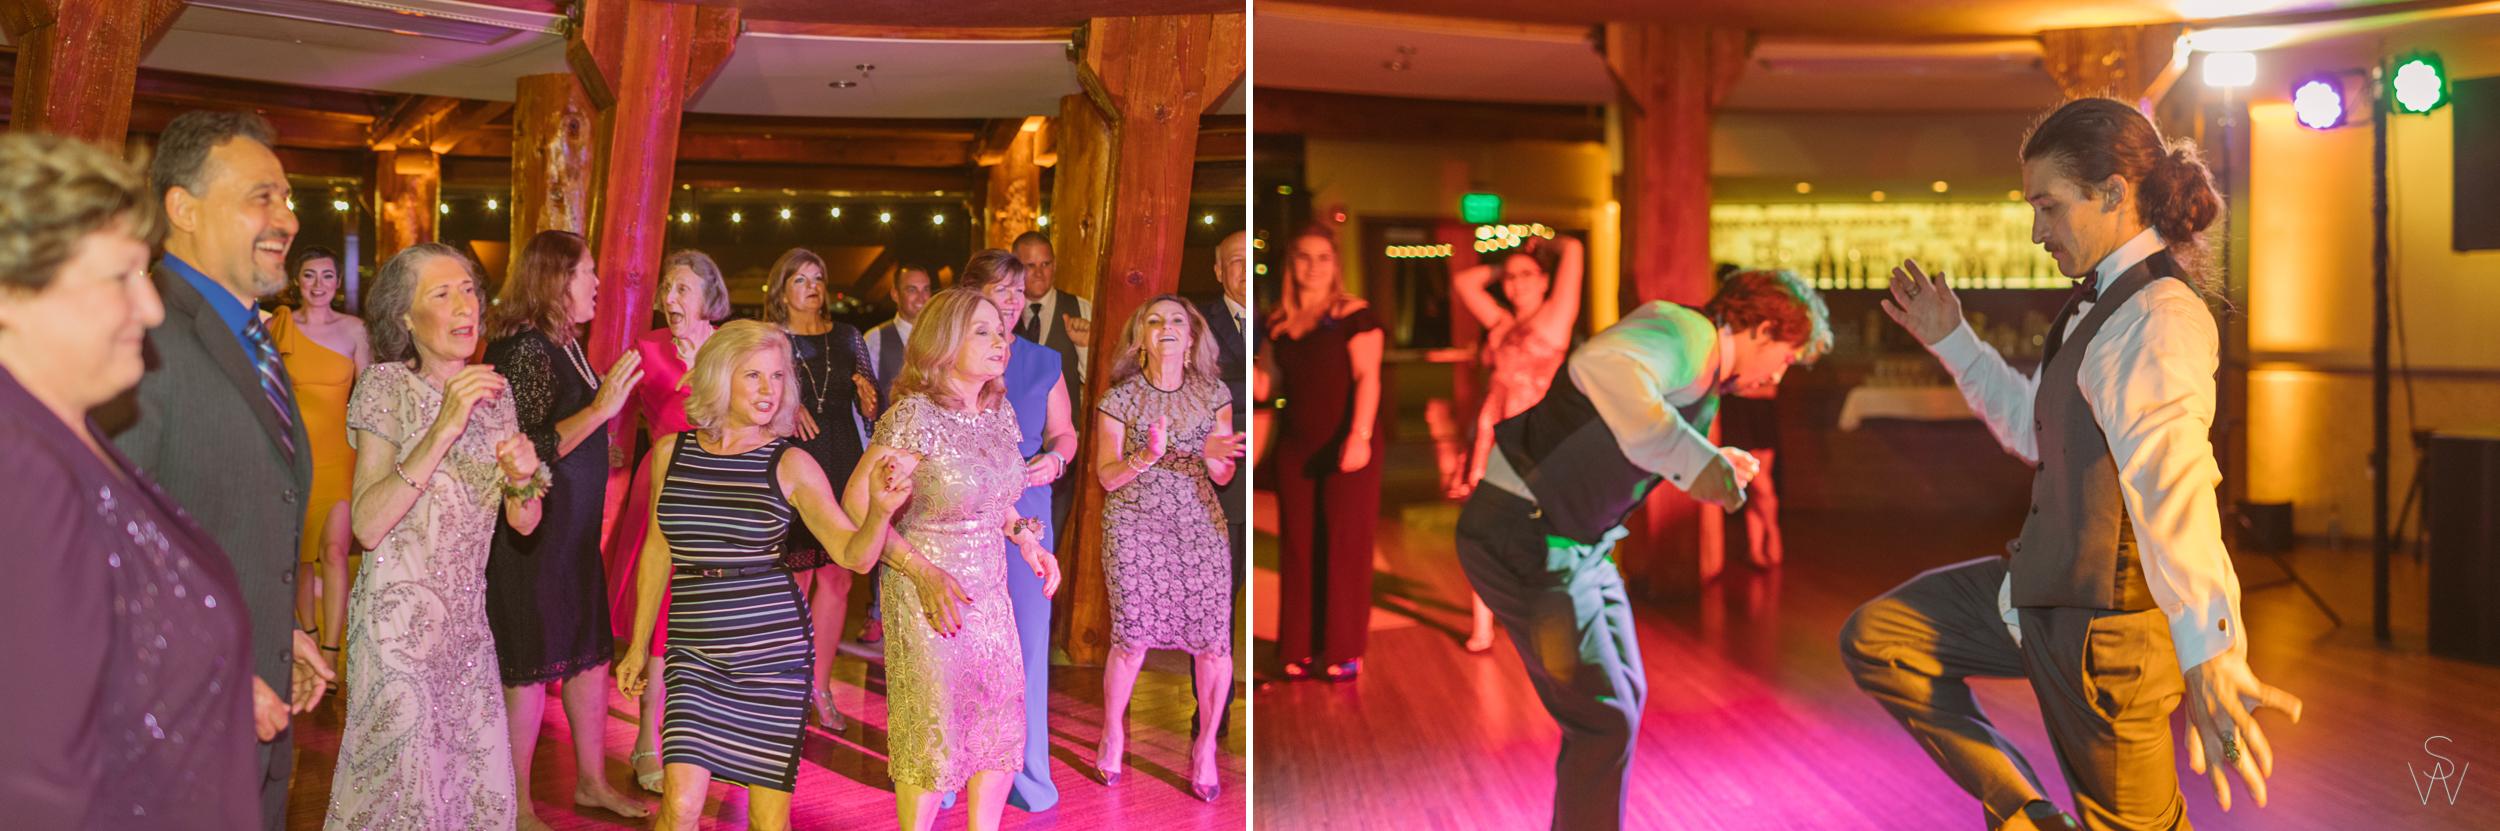 198San.diego.wedding.shewanders.photography.JPG